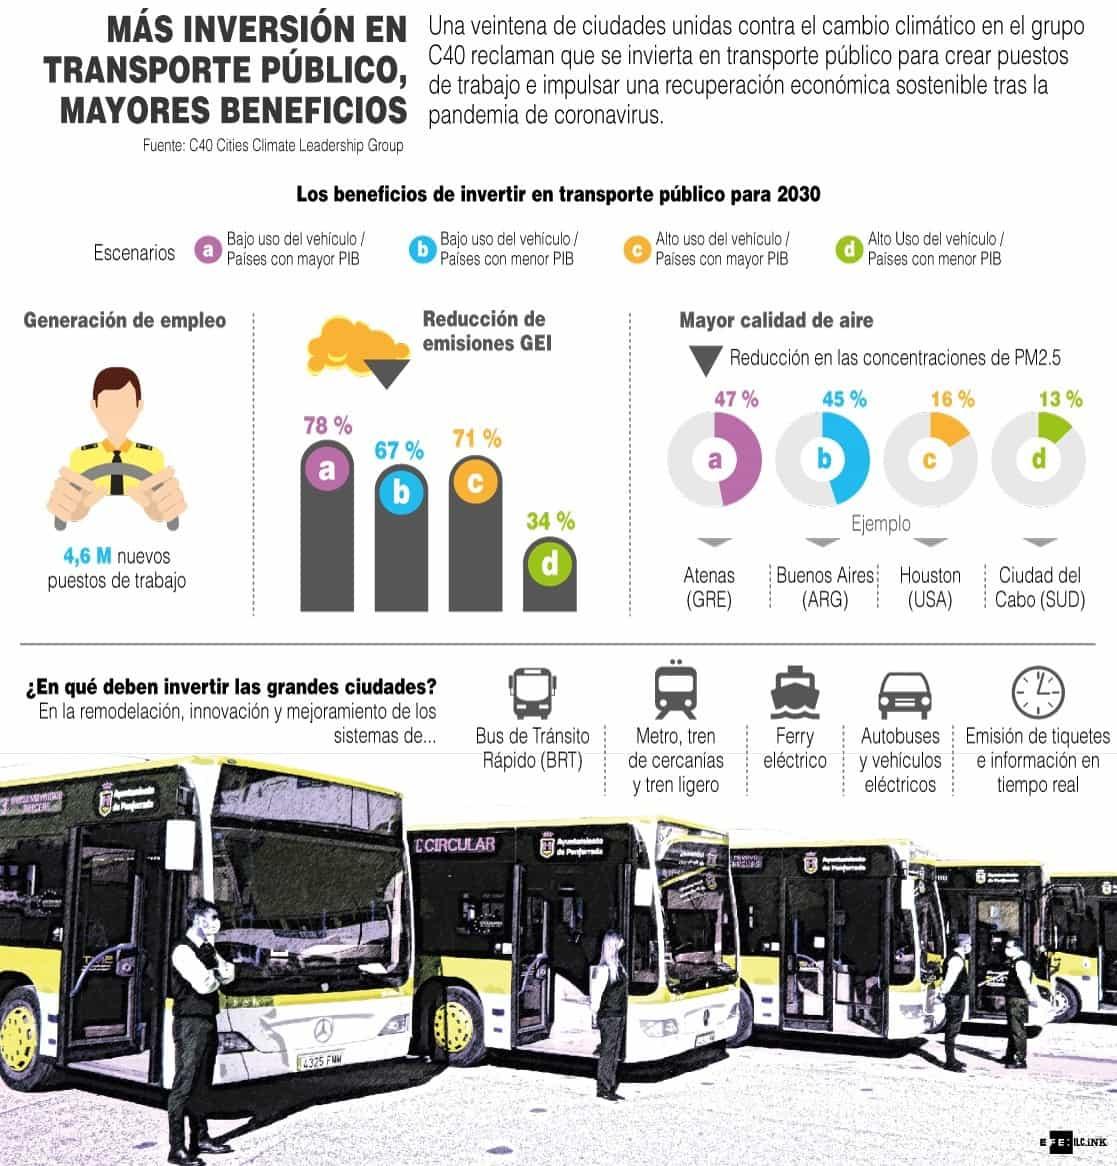 [Infografía] - Más inversión en transporte público, mayor generación de empleo 1